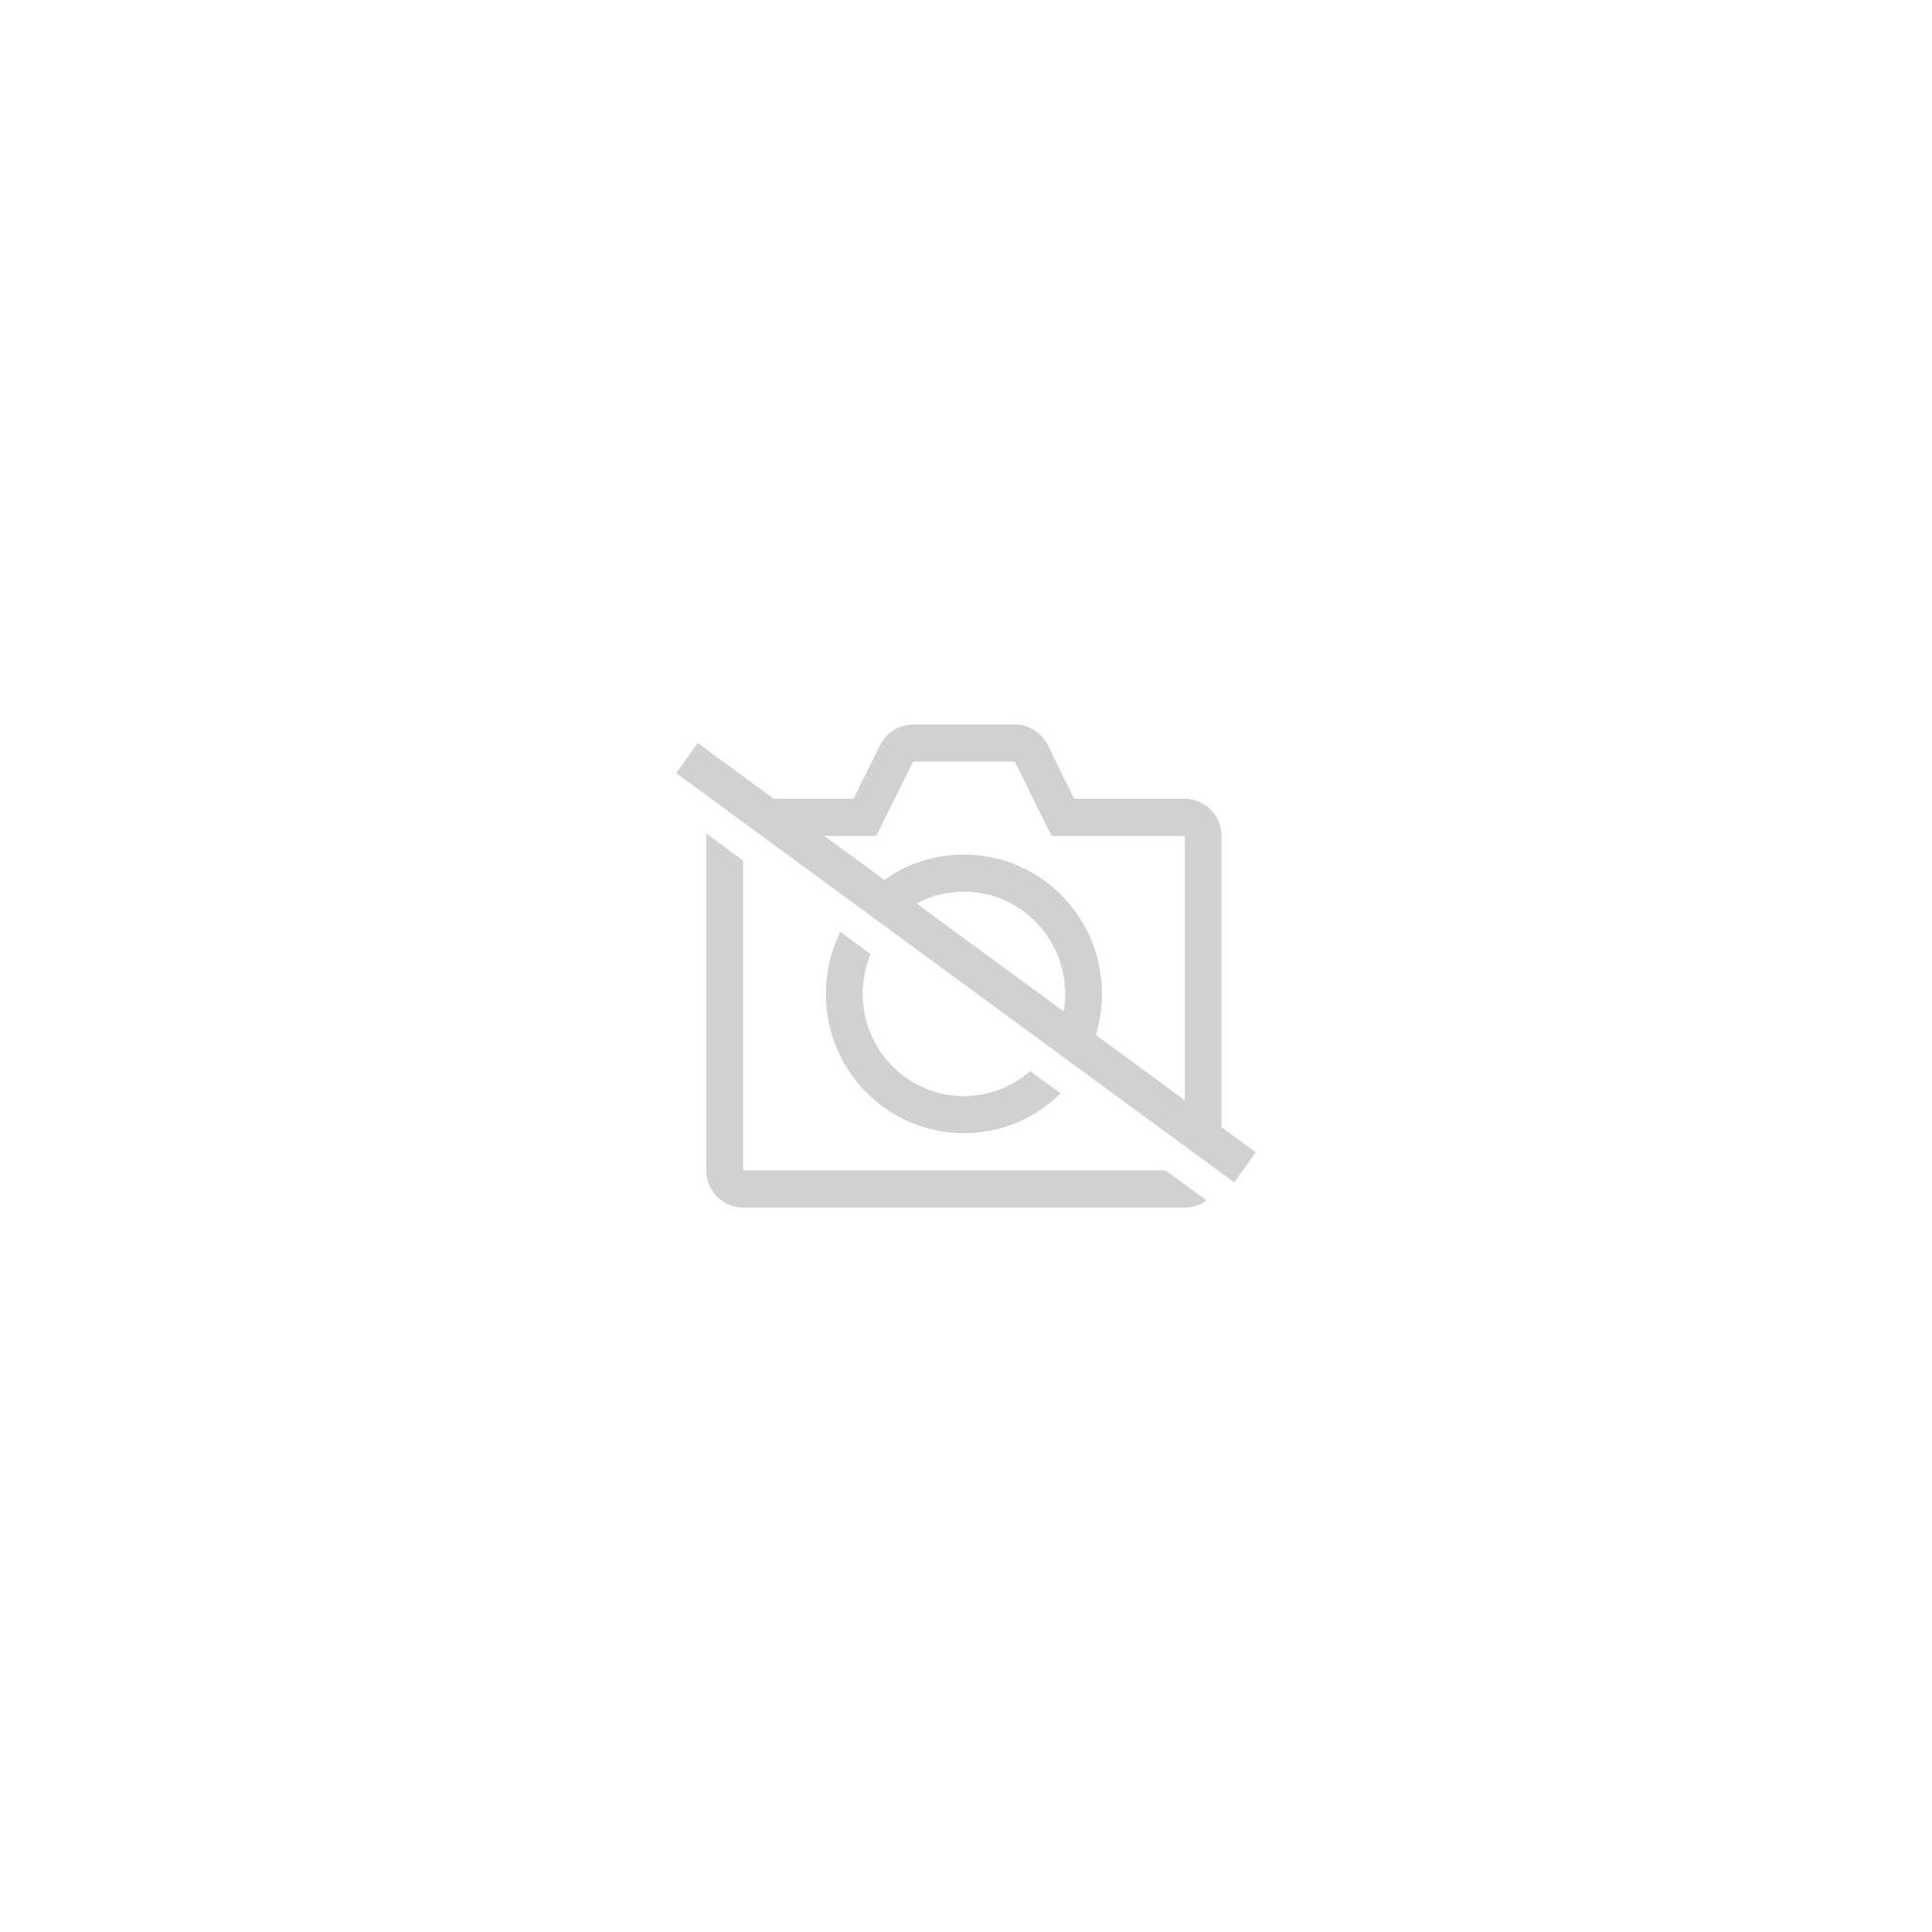 WOVELOT Carburateur Pour Bg45 Bg46 Bg55 Bg65 Bg85 Sh55 Sh85 Souffleur Zama C1Q-S68G Carb.